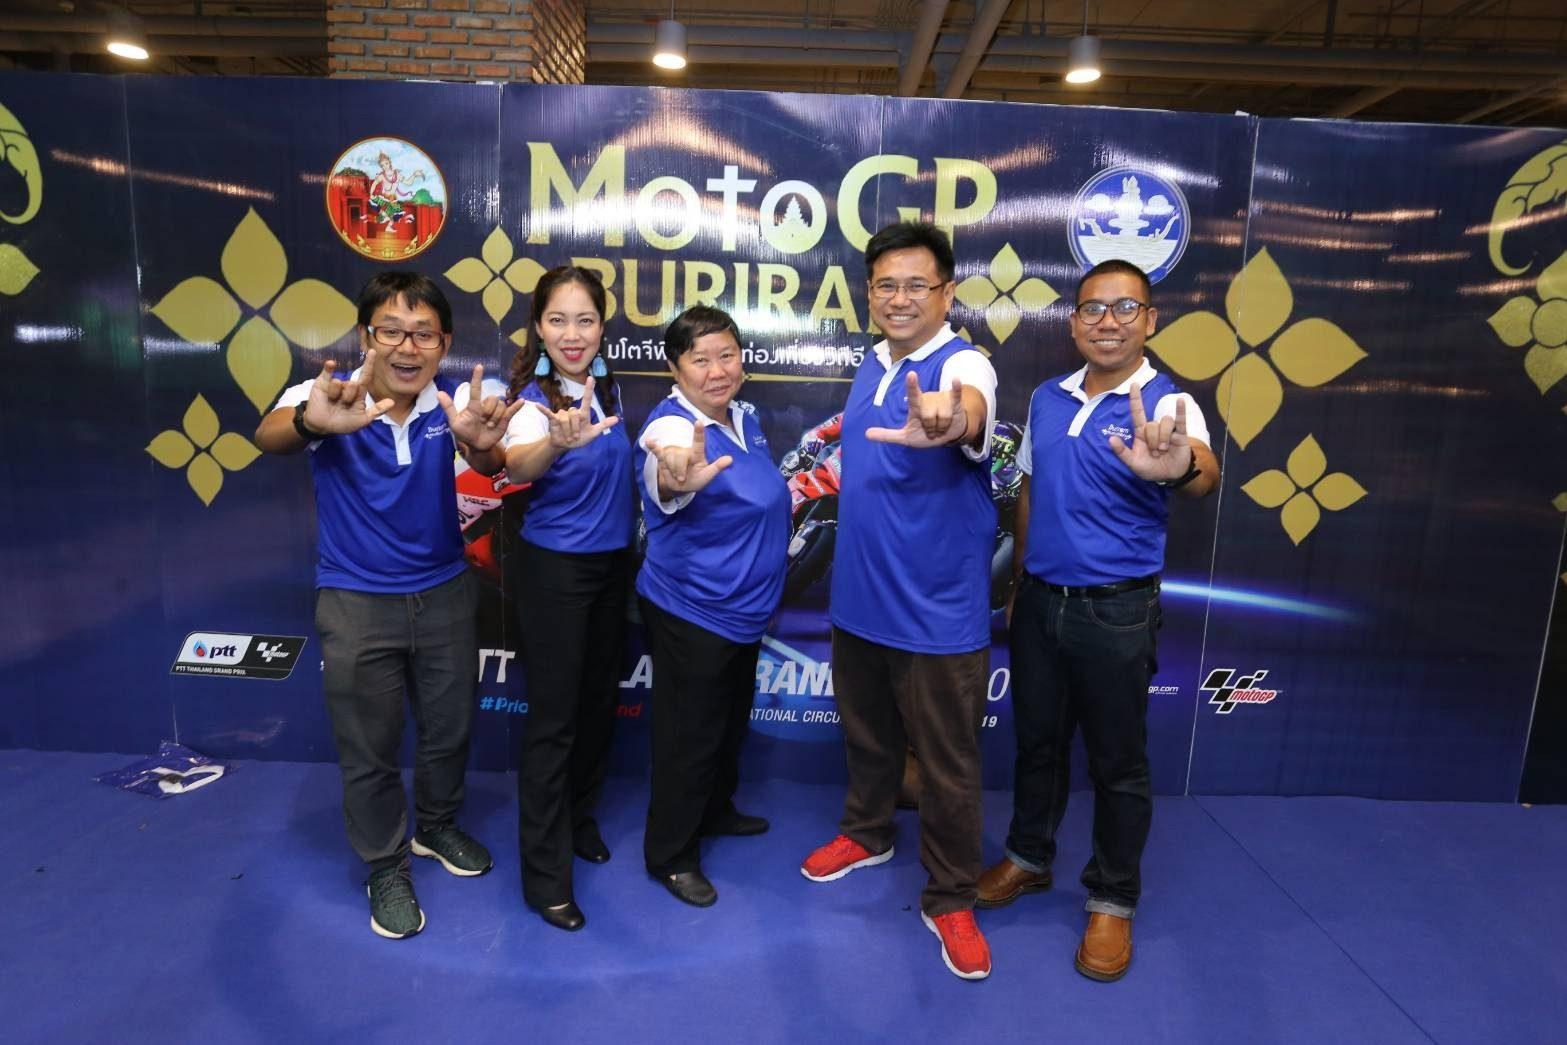 ลุย 4 ภาค! บุรีรัมย์ จัดกิจกรรม  Road Show MotoGP ทั่วไทย ปลุกกระแสดังทั่วโลก